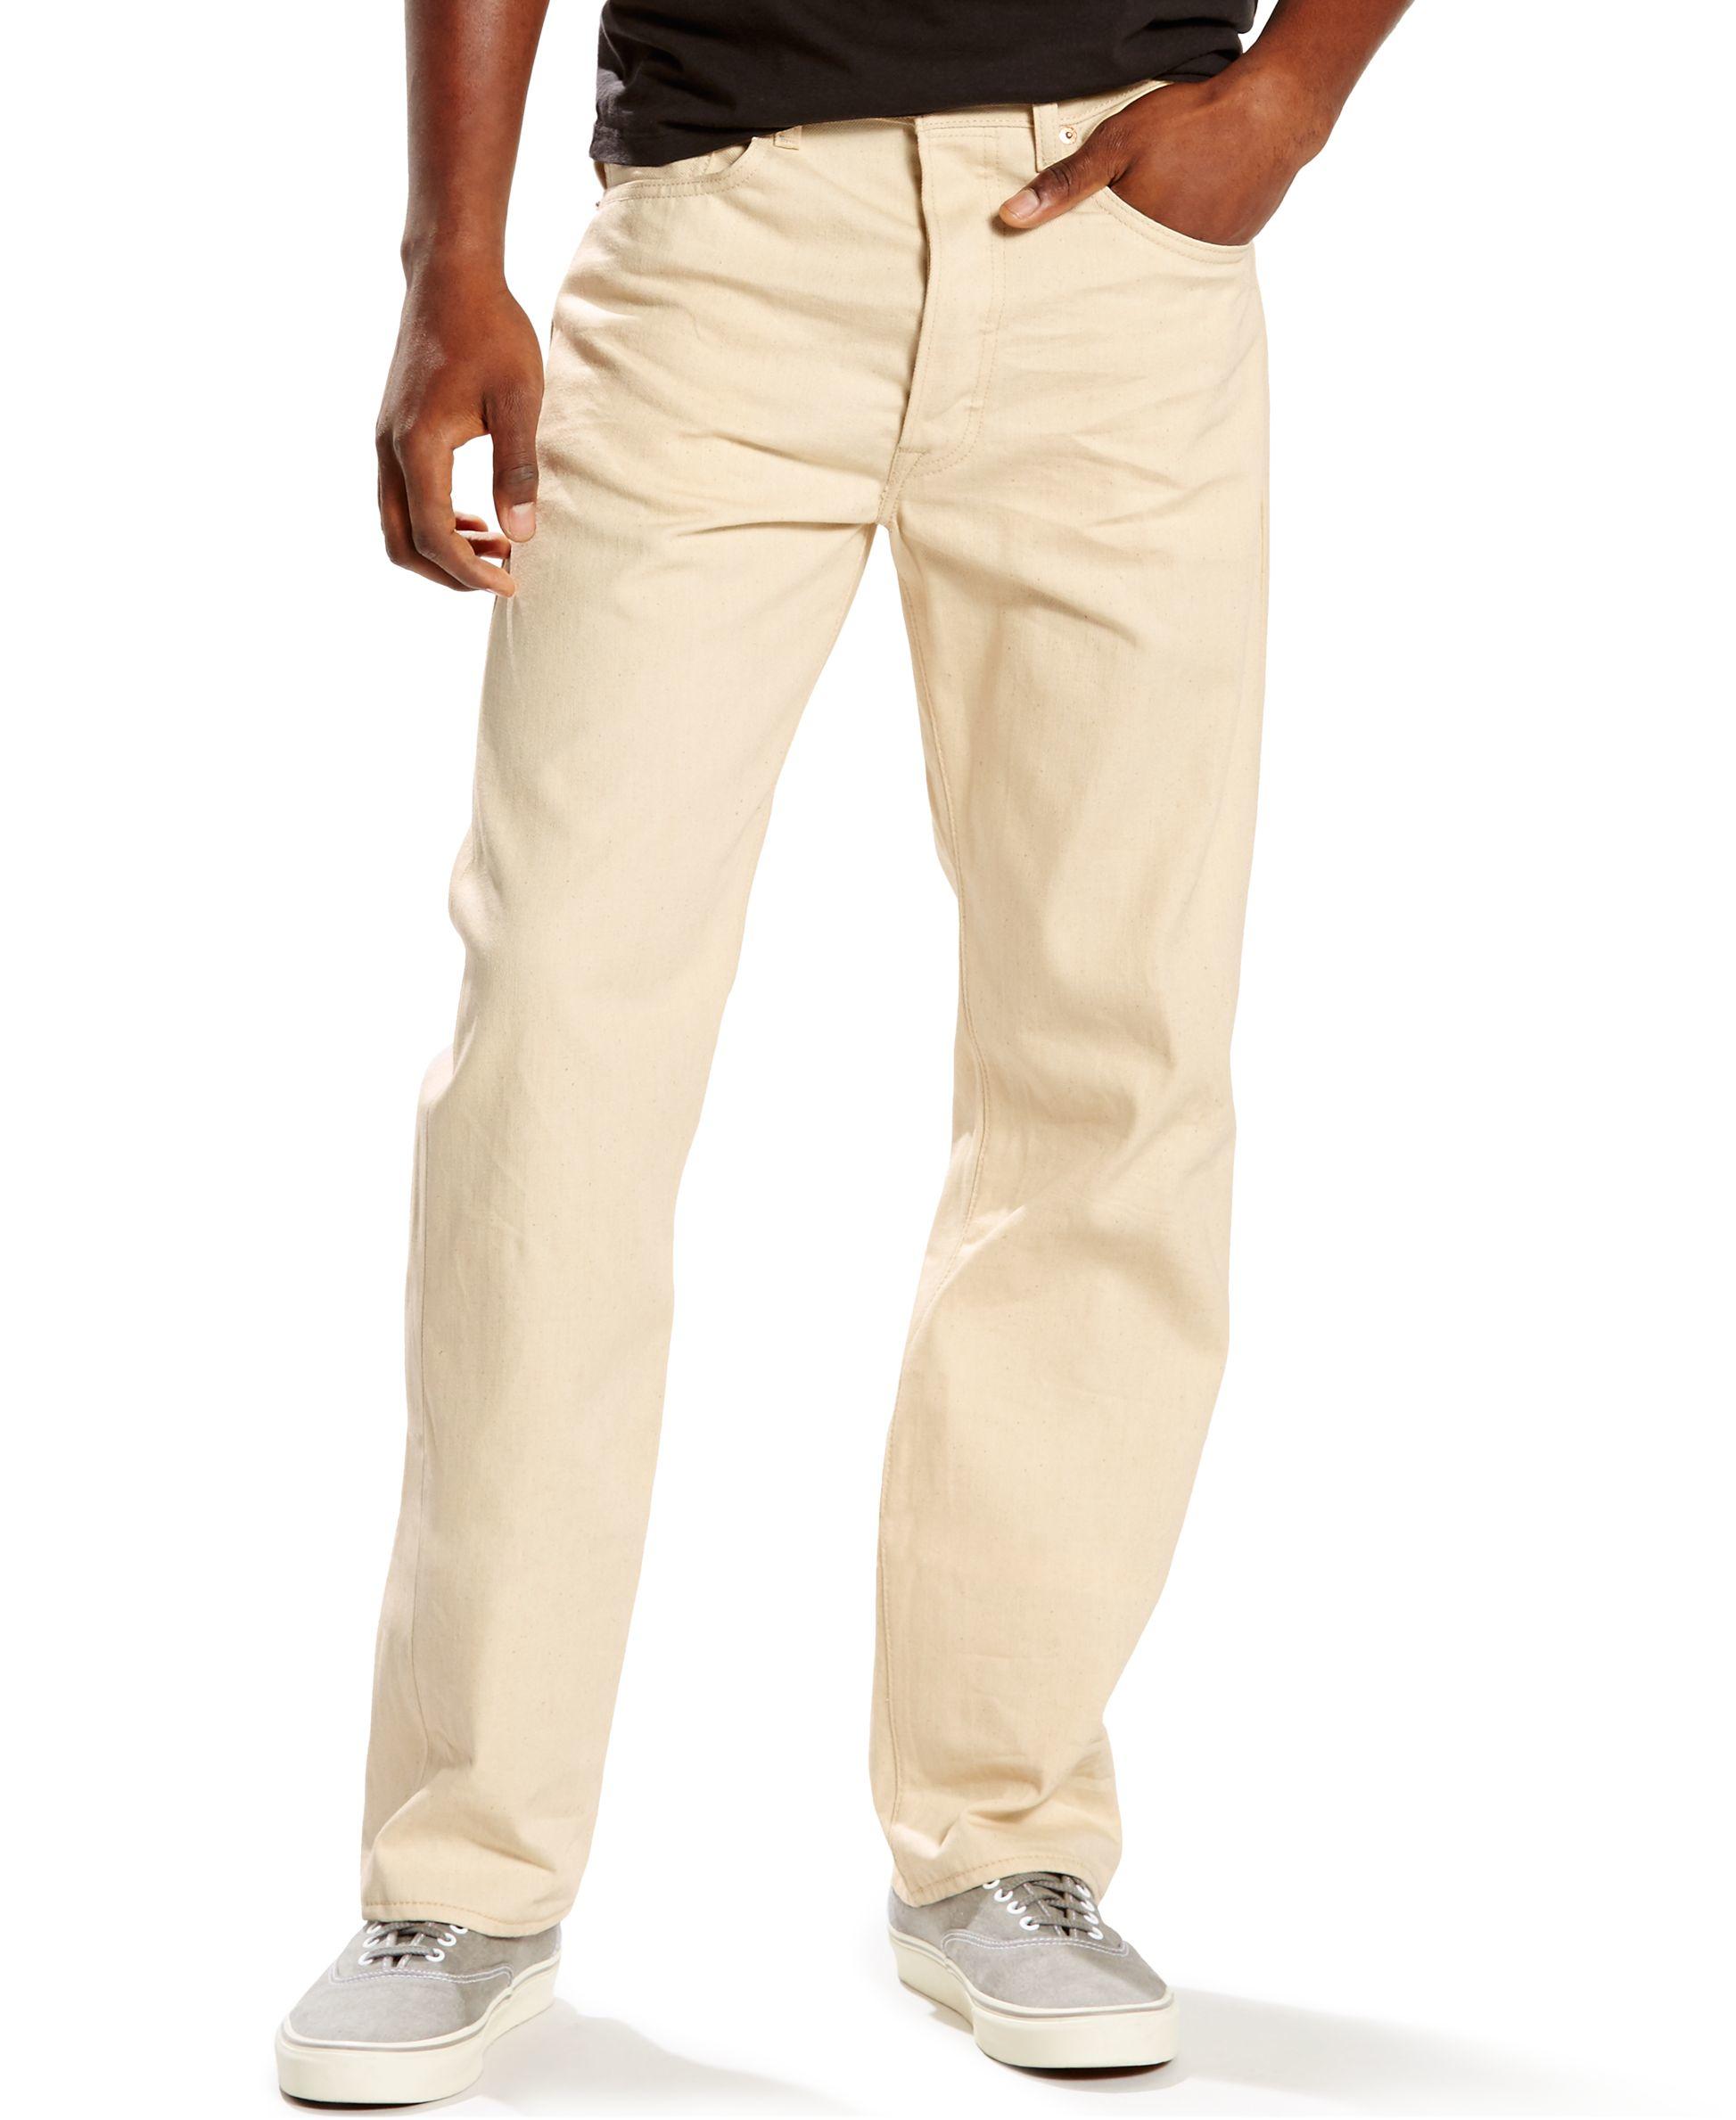 Levis 501 Original Shrink to fit Jeans In Natural For Men